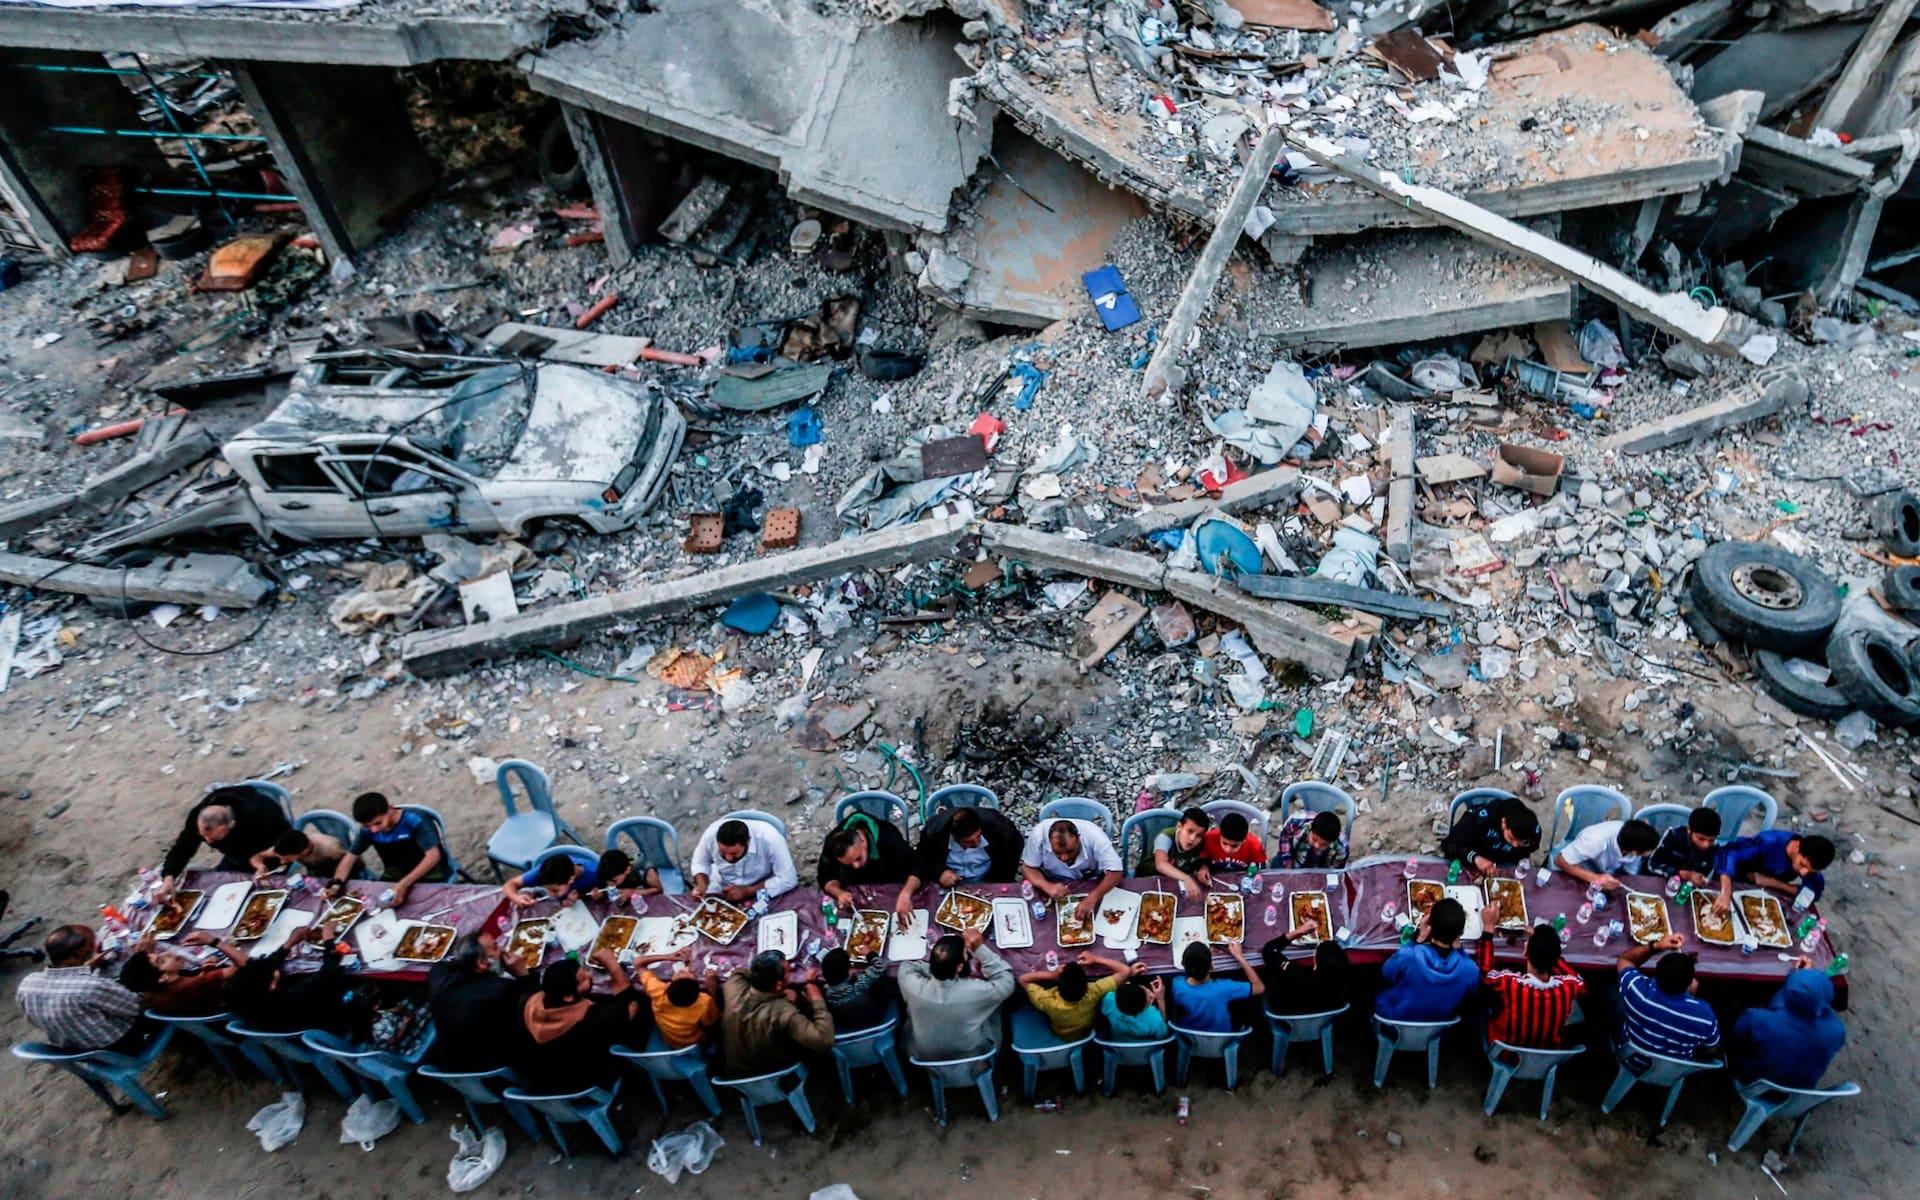 تصاویر روز: از افطار فلسطینیها کنار خرابههای نوار غزه تا پرواز فانوسهای کاغذی همزمان با سالگرد تولد بودا در اندونزی